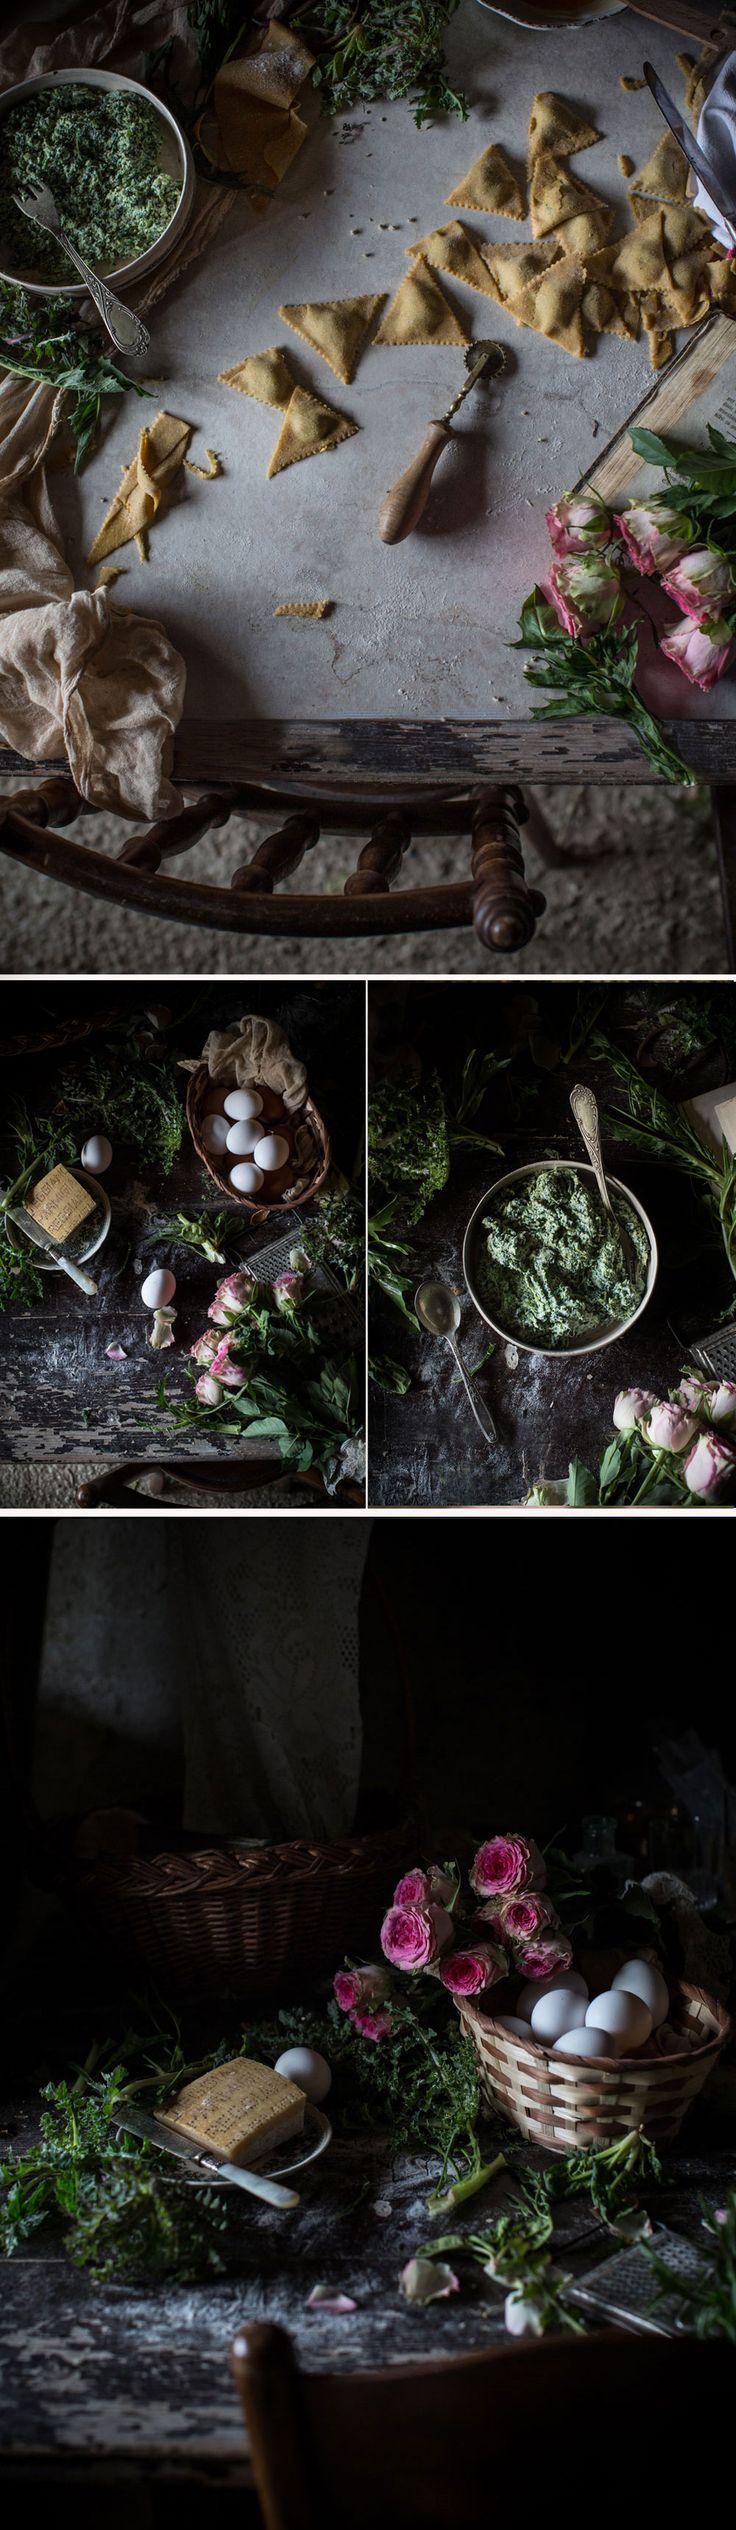 The+Art+of+Ravioli+Making+{How+to+make+Ravioli+3+Ways}